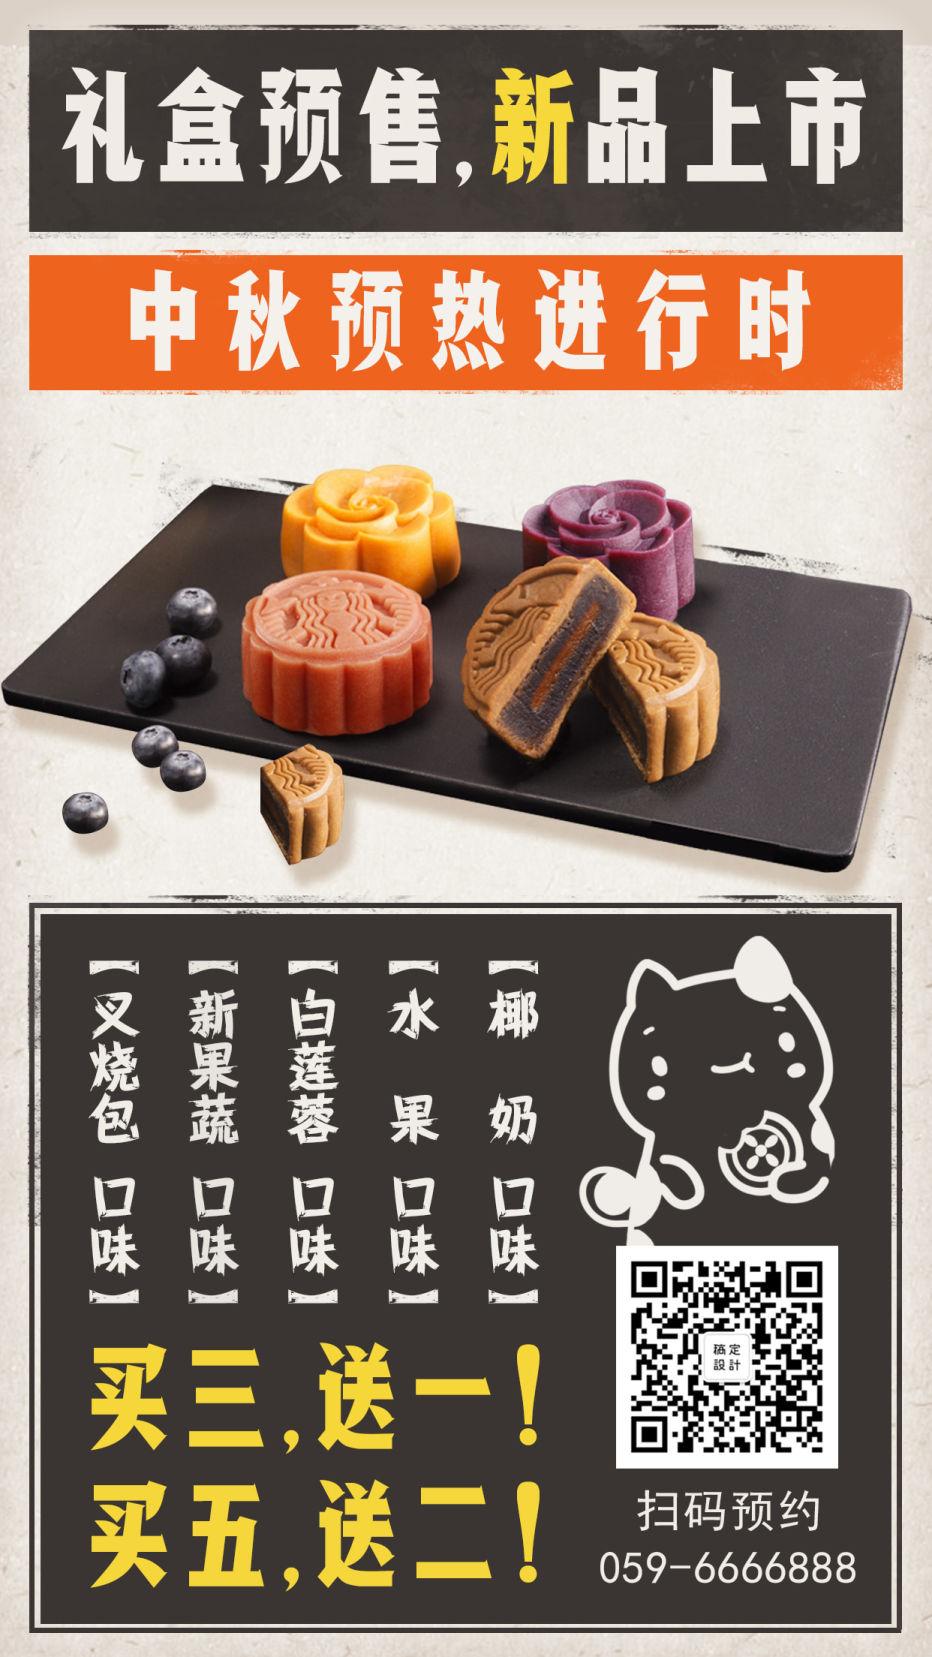 中秋礼盒预售月饼手机海报